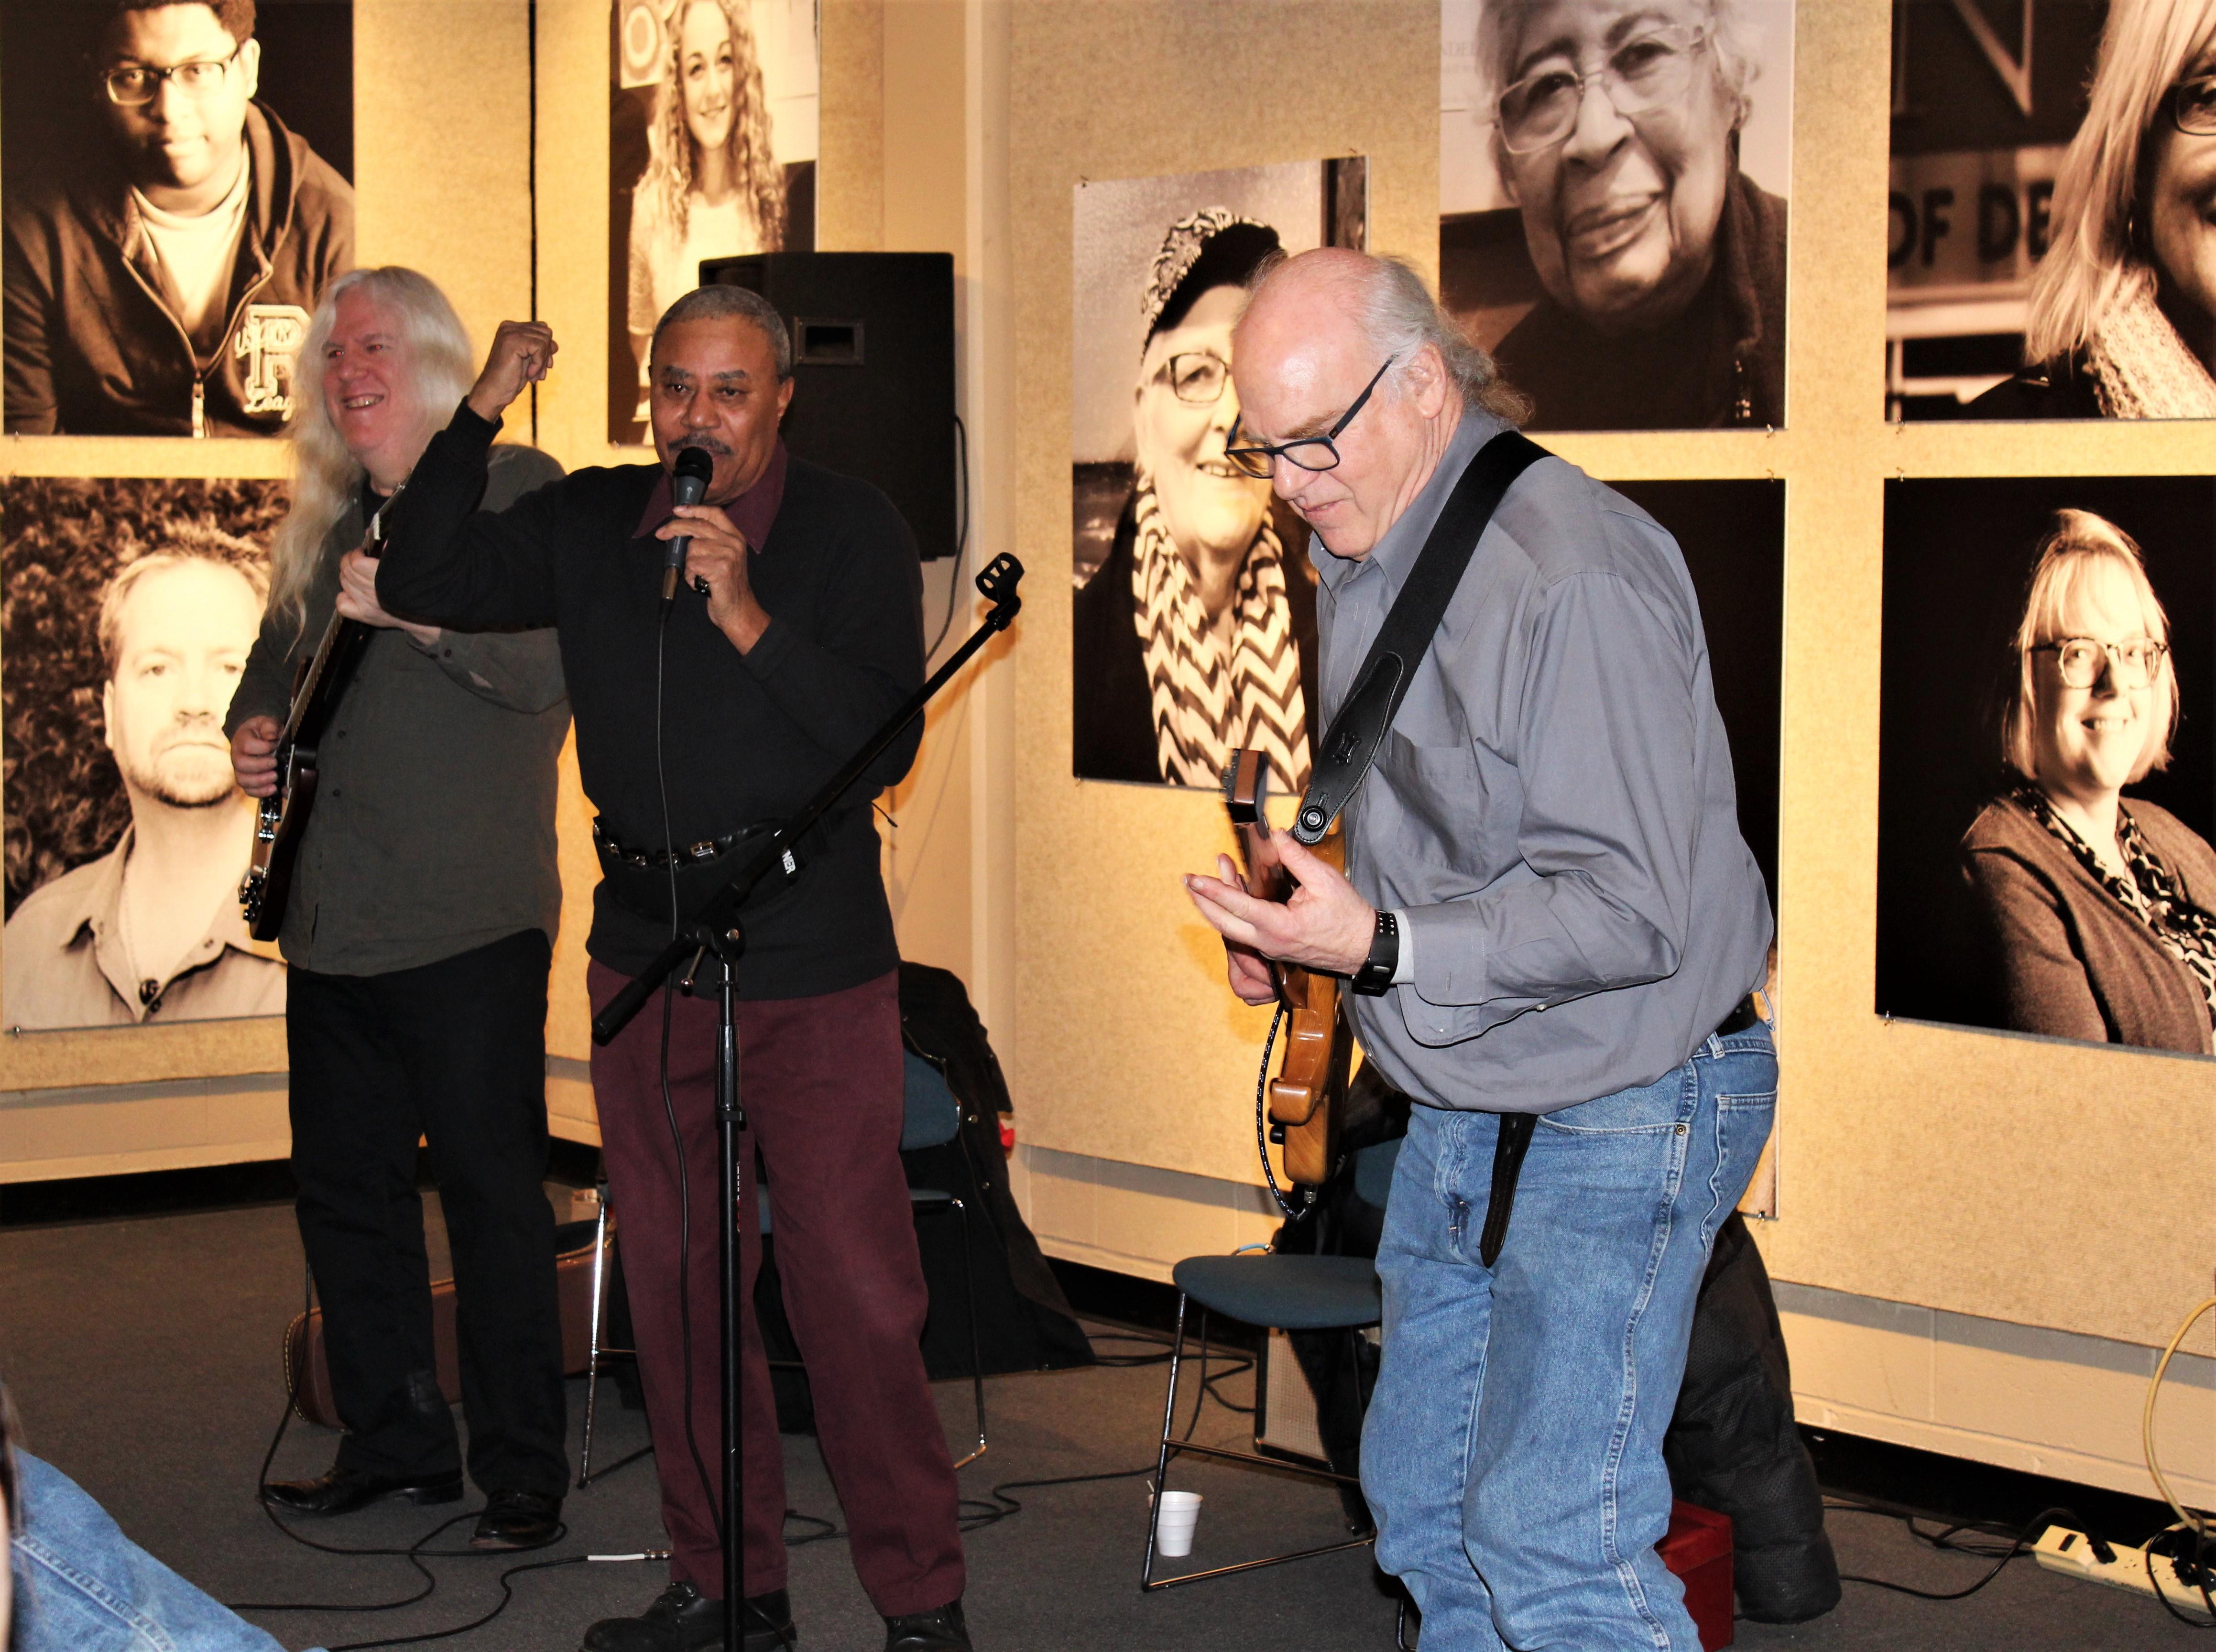 HFC's Steve Glazer plays with blues duo Howard Glazer and Harmonica Shaw